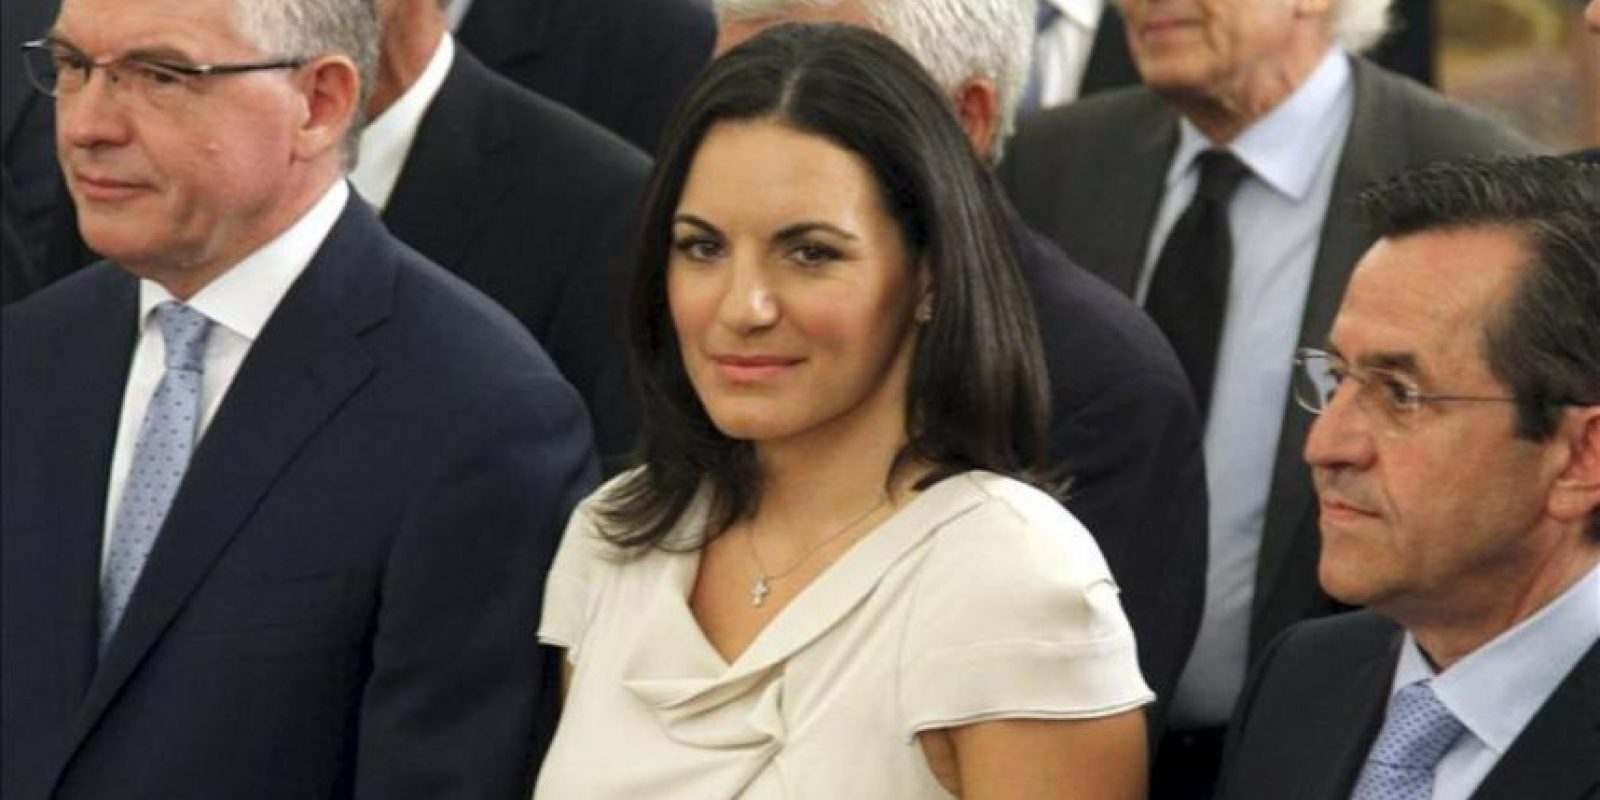 La nueva ministra griega de Turismo, Olga Kefalogianni, (c) durante la ceremonia de jura de cargo del nuevo gobierno heleno. EFE